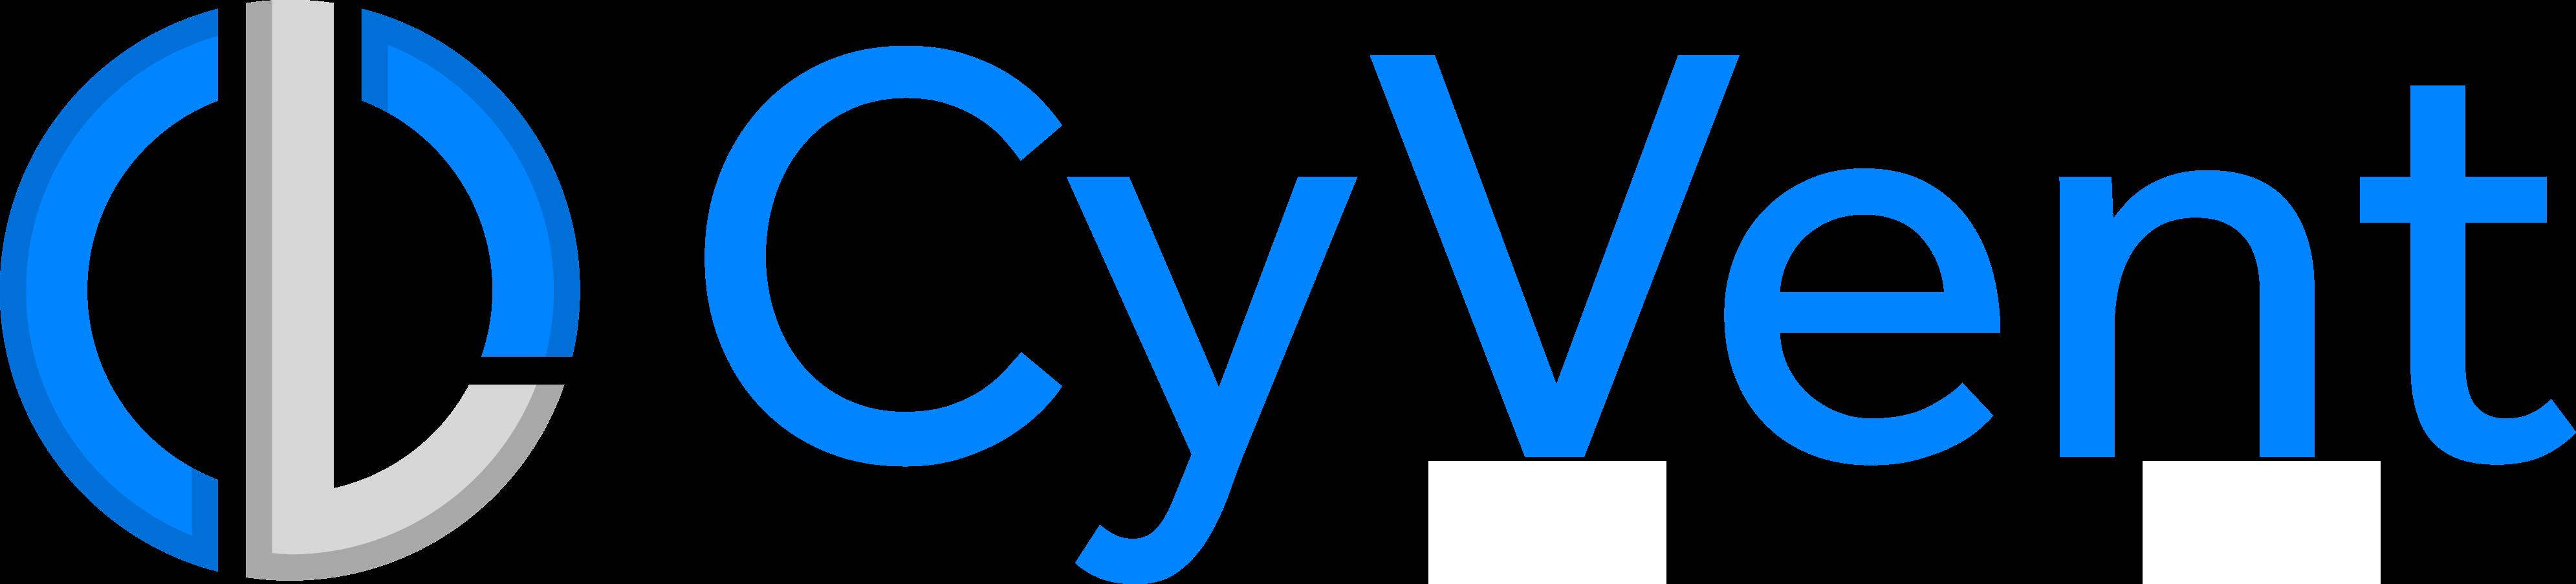 Cyvent Logo 1-line Transparent 136kb